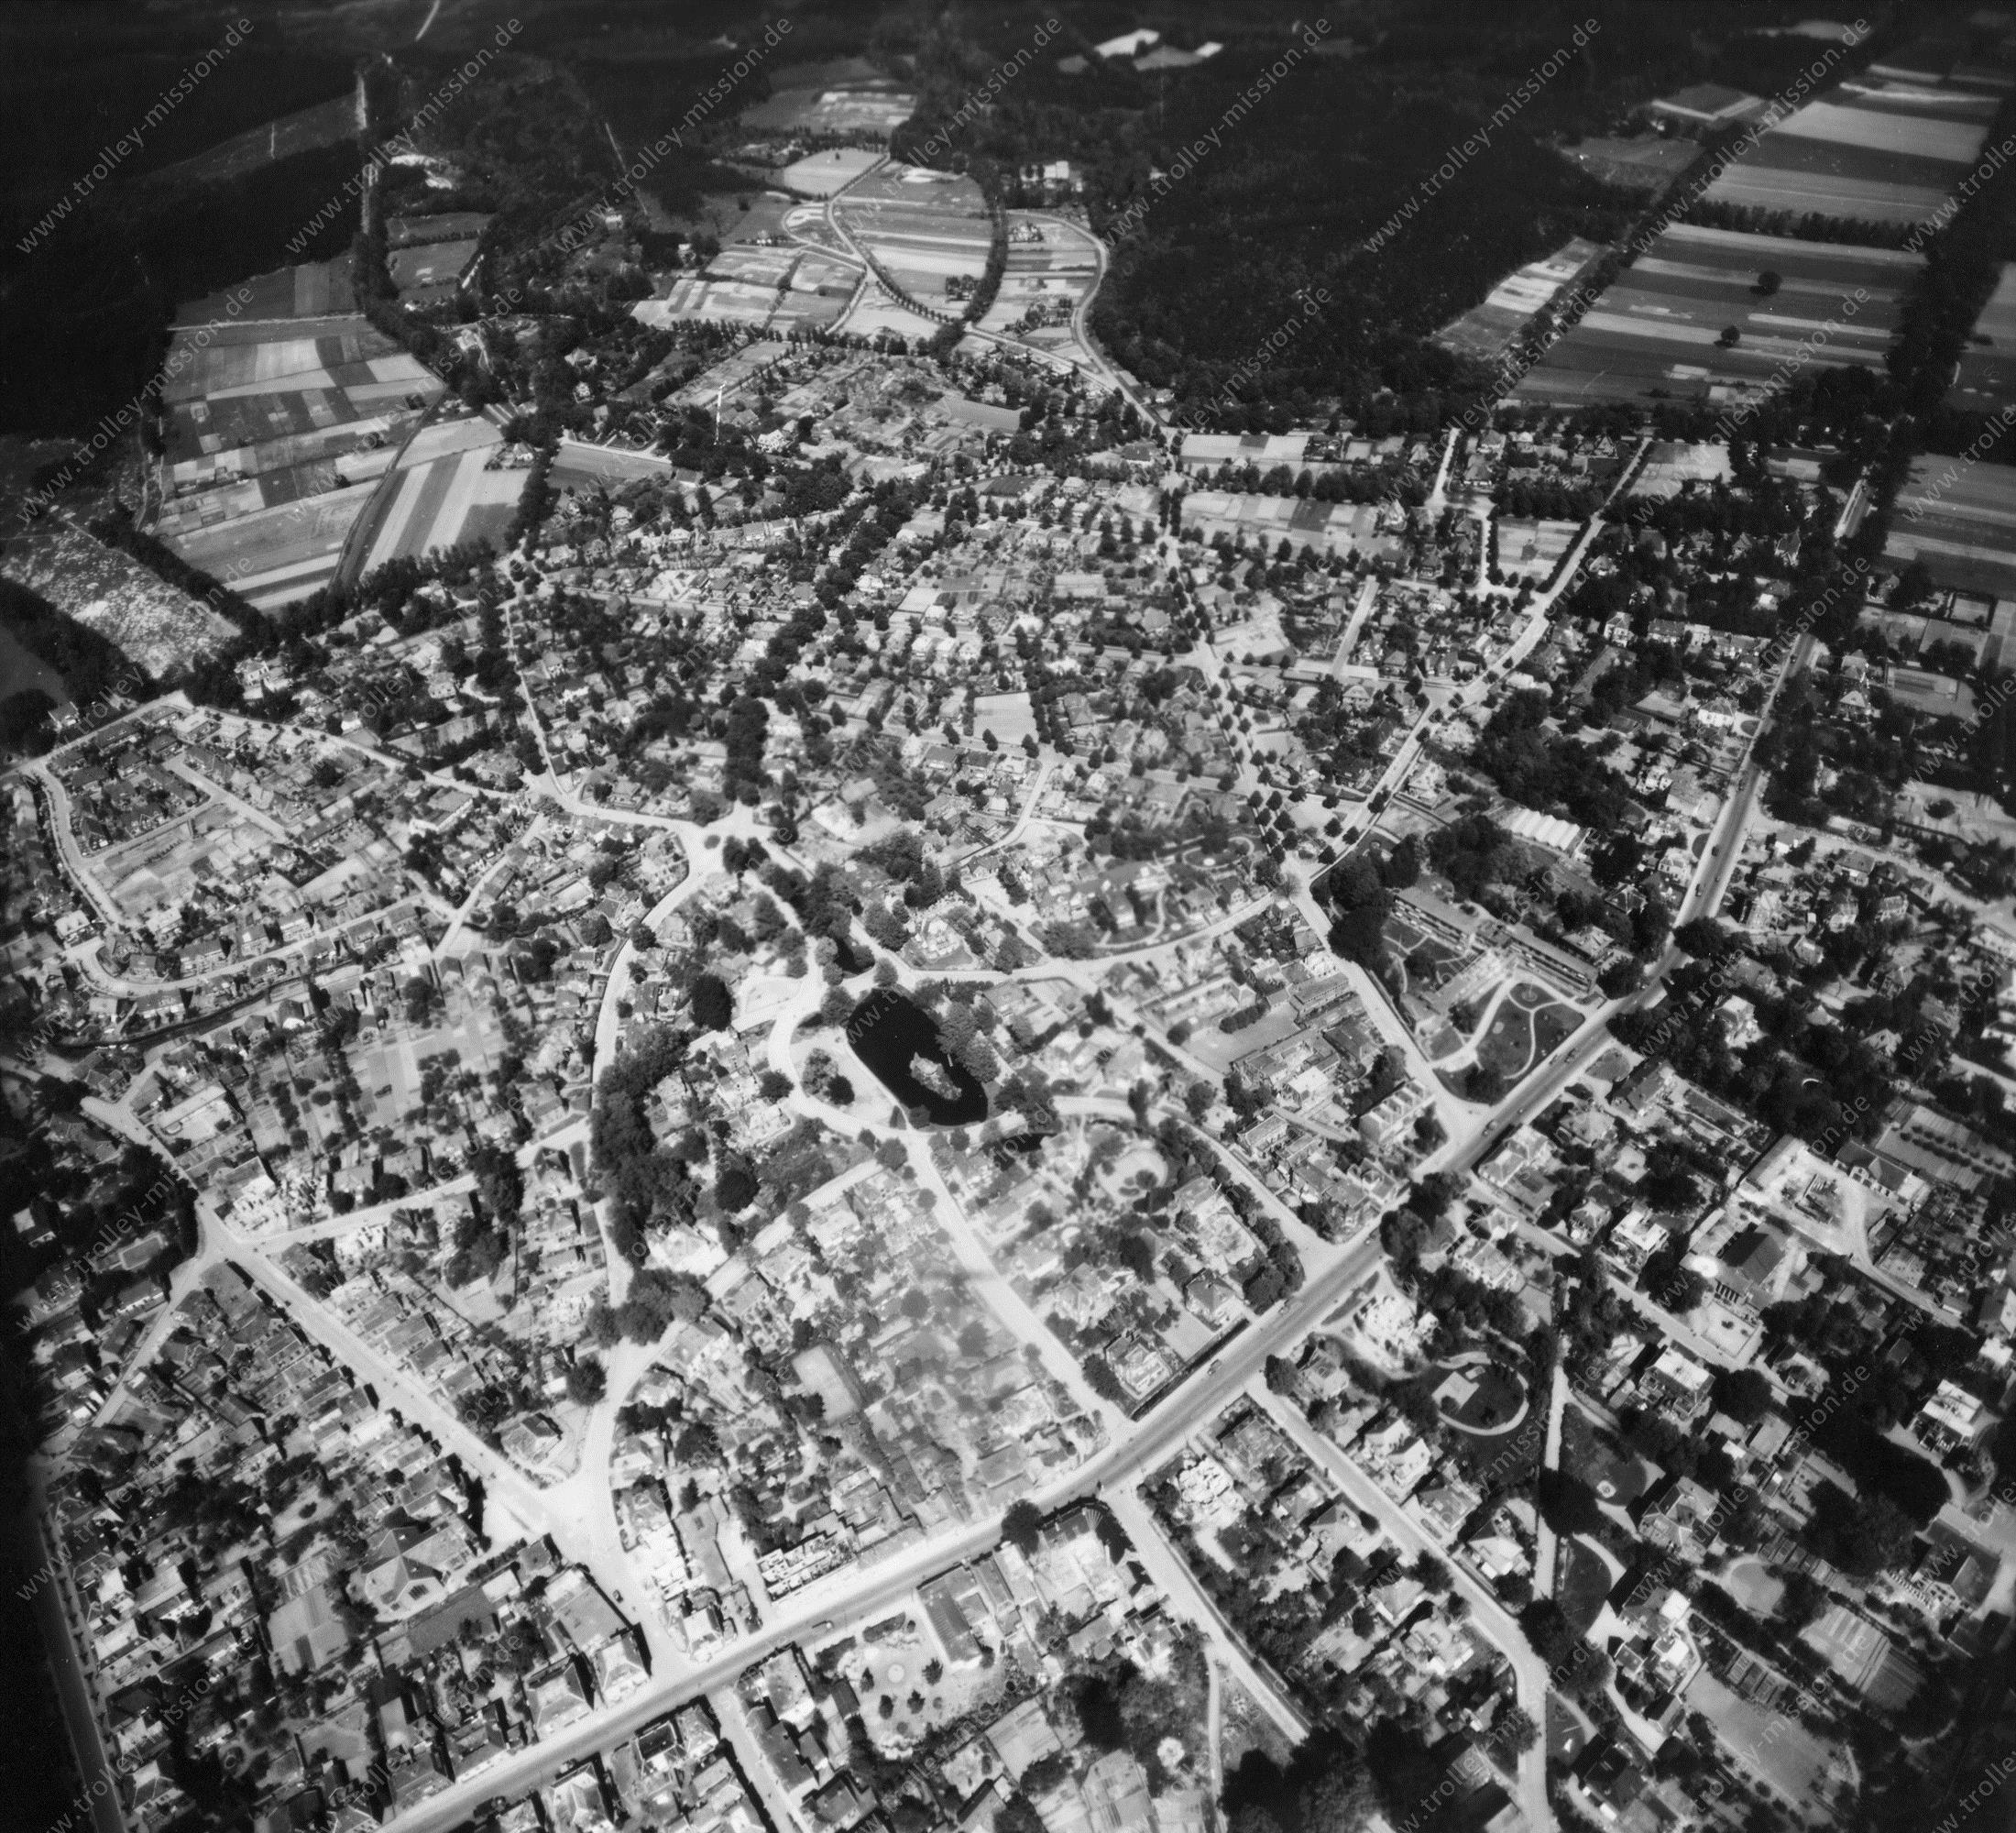 Velp (Gelderland) in de Tweede Wereldoorlog - Luchtopname 5/5 op 12 mei 1945